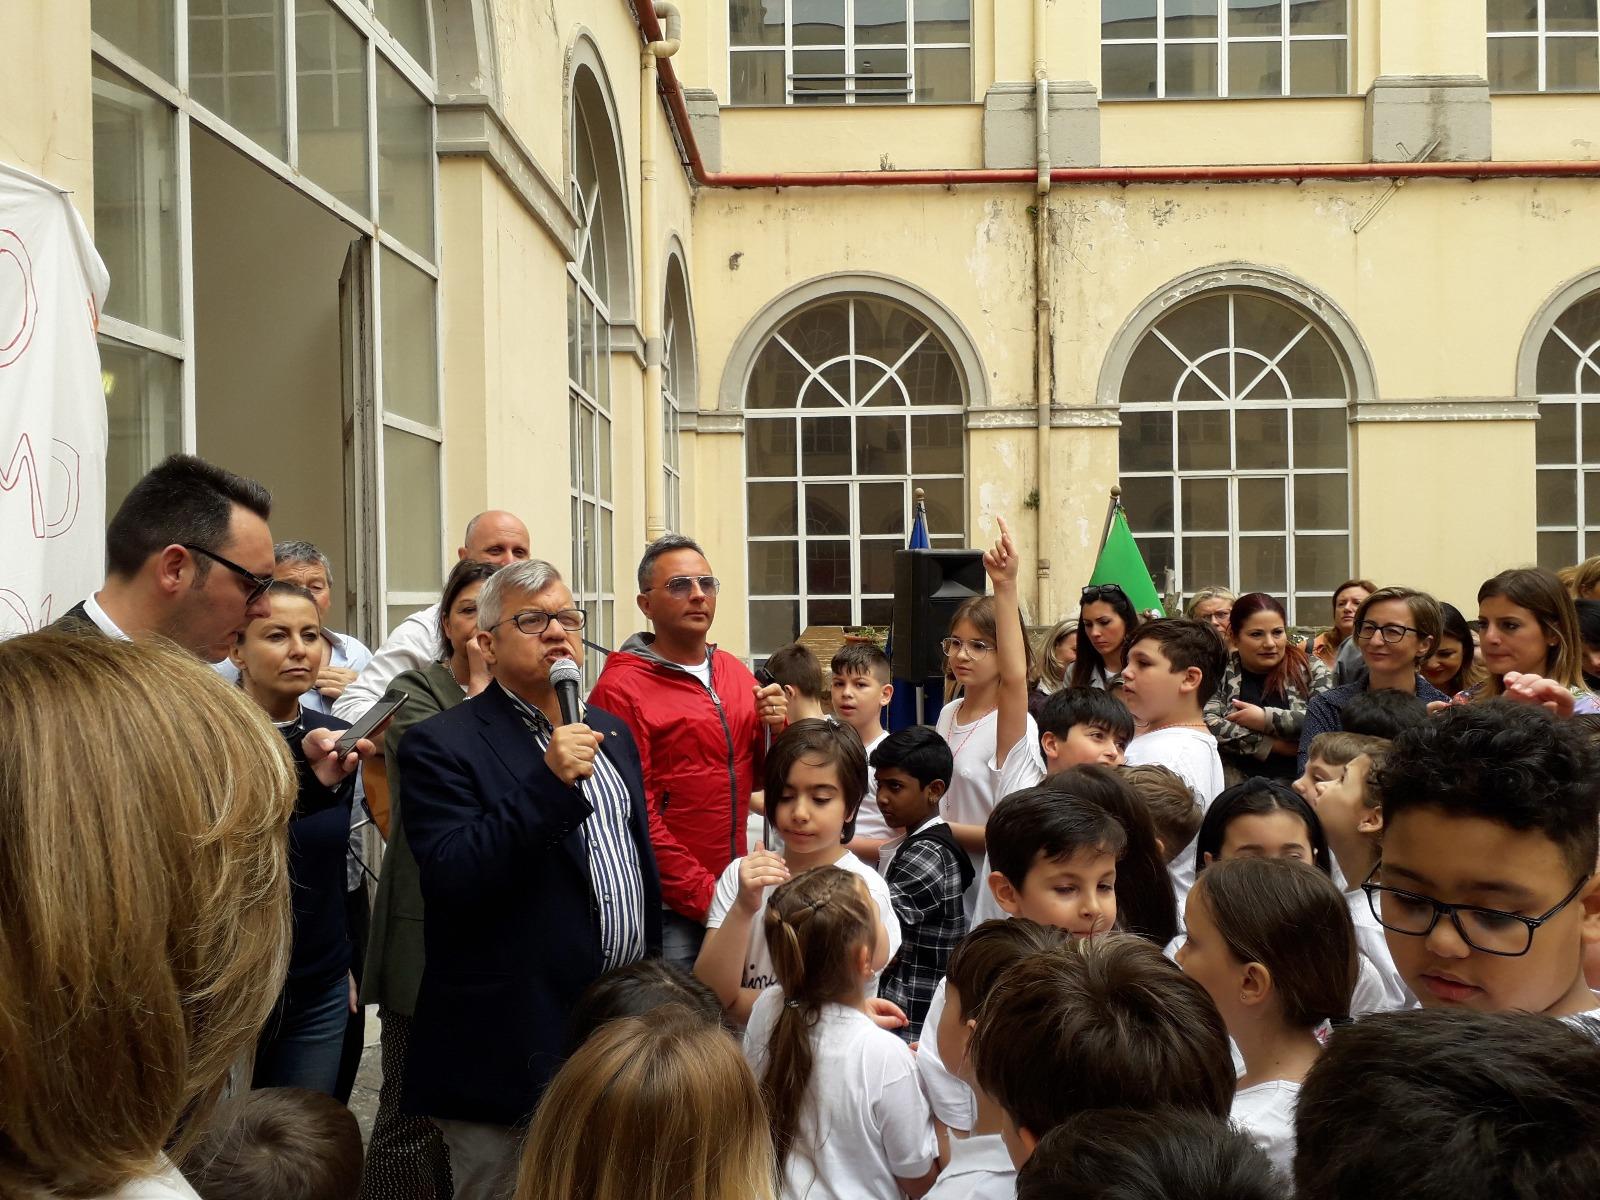 Festa al Plesso Froebeliano per l'inaugurazione del cortile restaurato